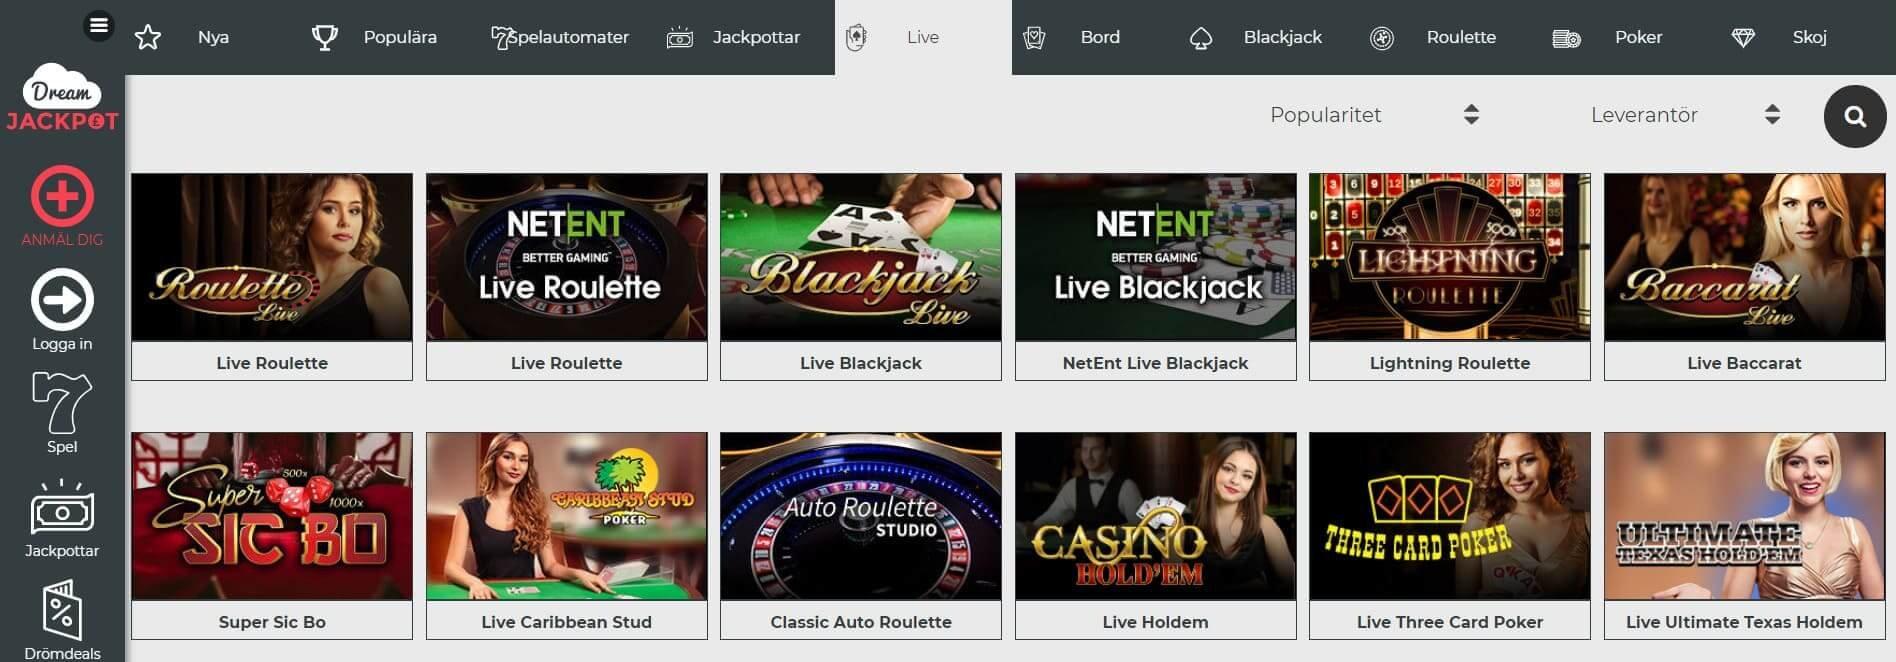 Hög klass på Dream Jackpot Casino live casino